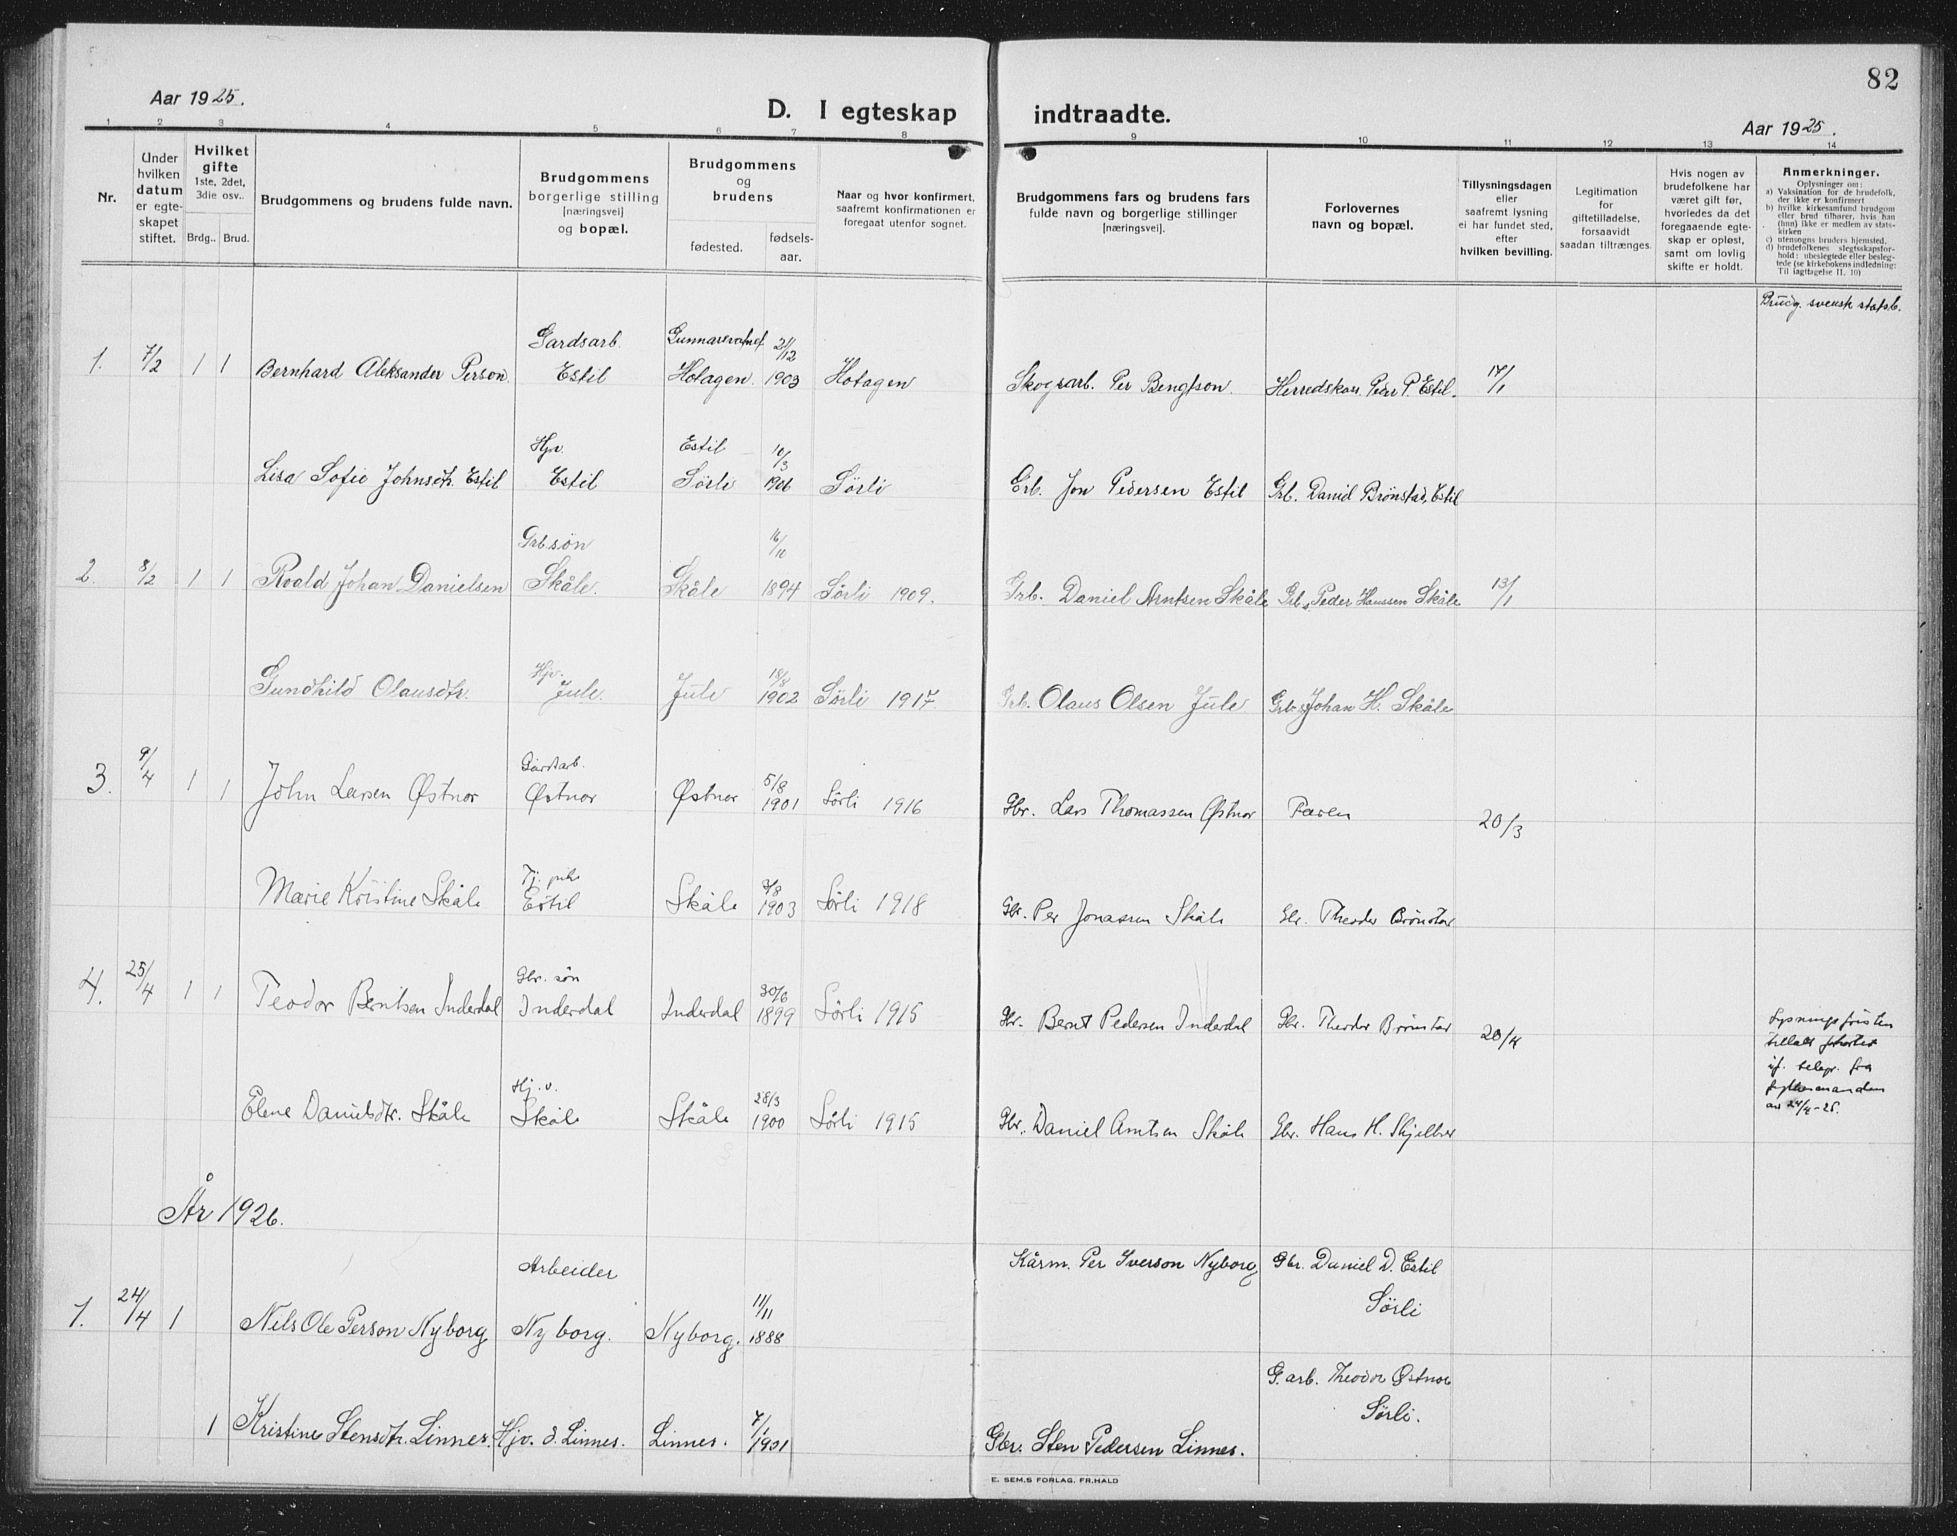 SAT, Ministerialprotokoller, klokkerbøker og fødselsregistre - Nord-Trøndelag, 757/L0507: Klokkerbok nr. 757C02, 1923-1939, s. 82